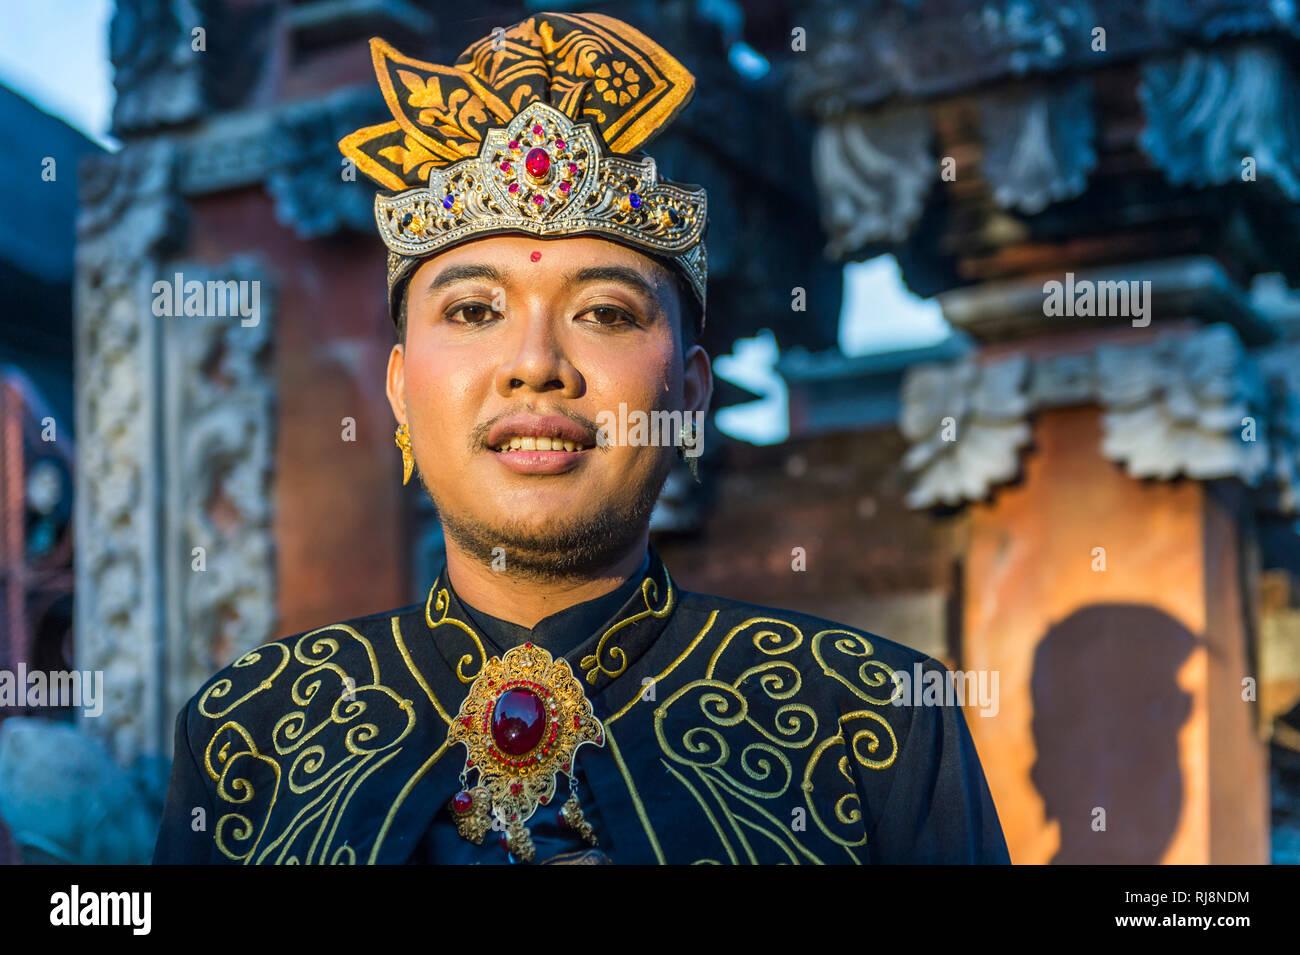 Denpasar, Bali Museum, Bräutigam in festlicher Kleidung, Porträt Stock Photo